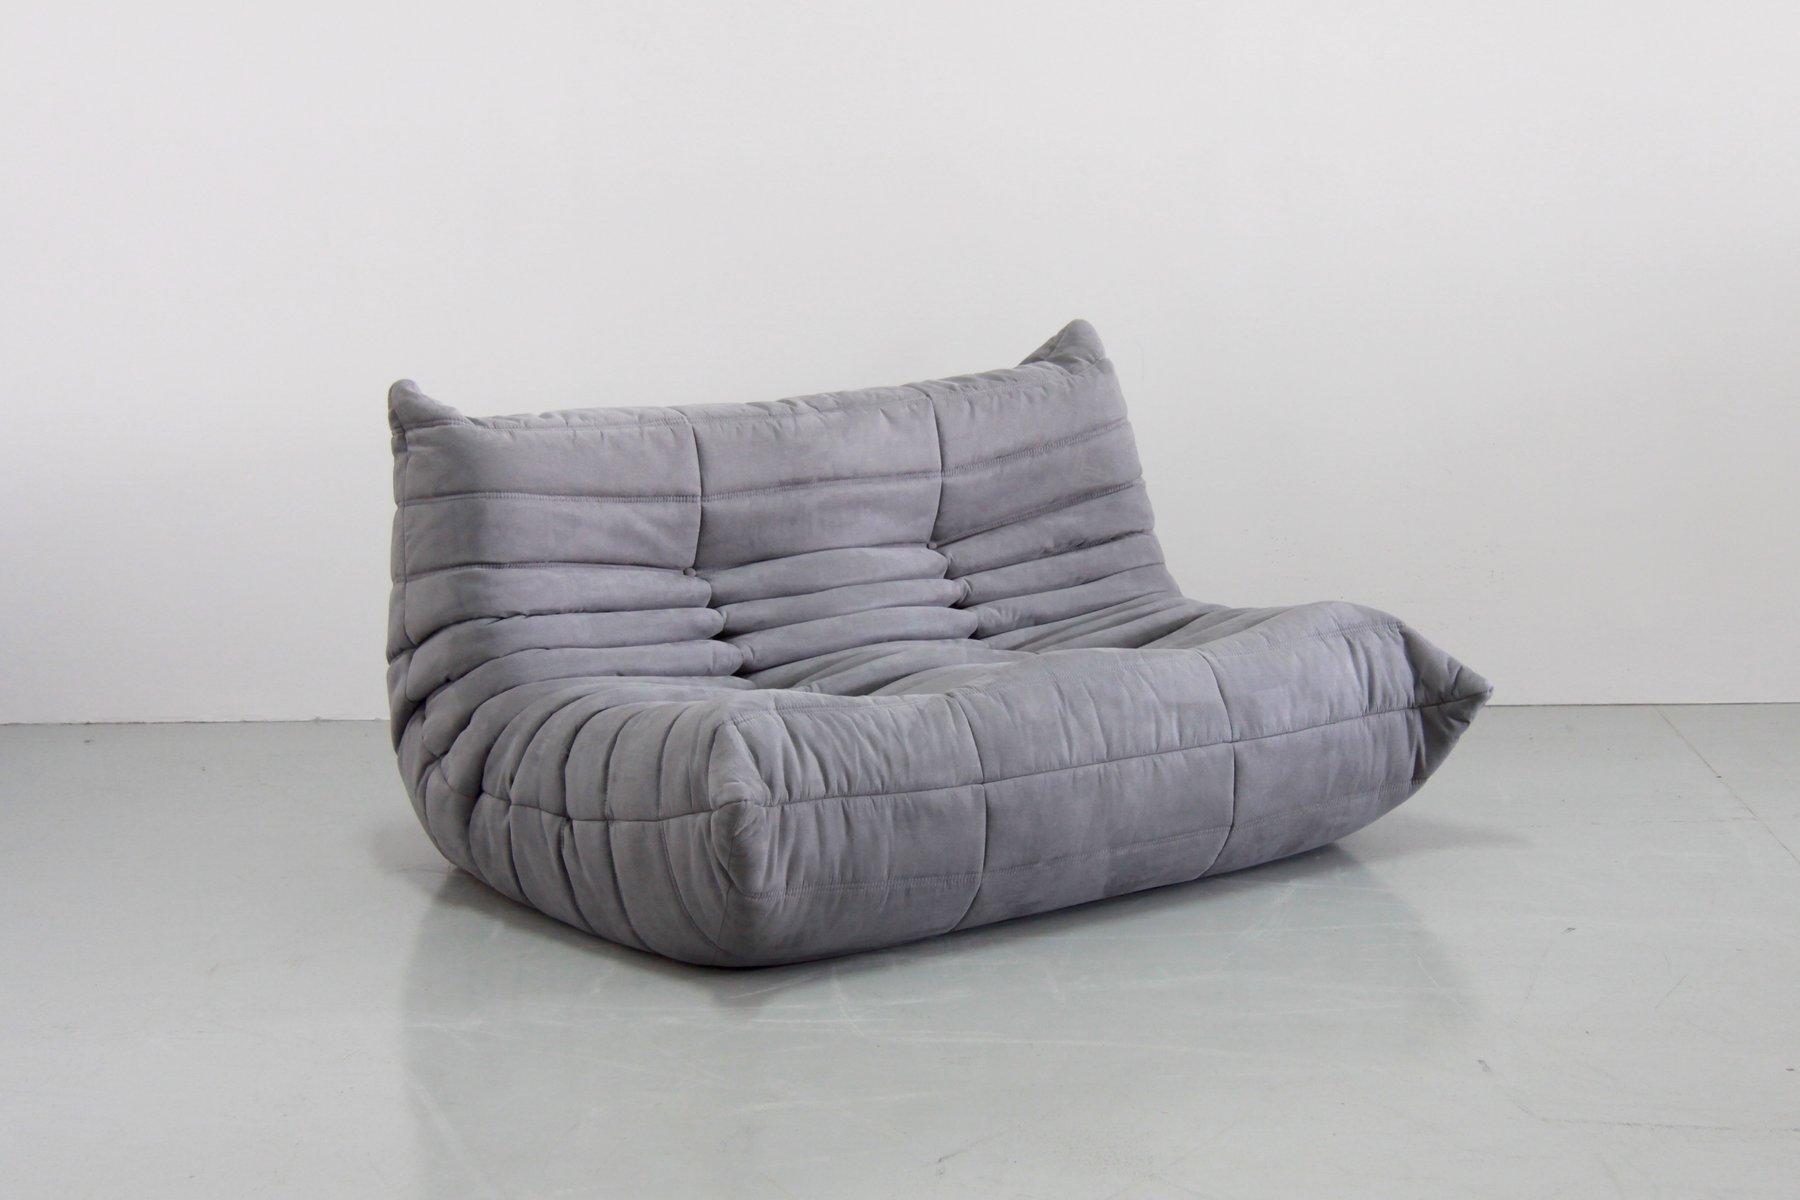 graue togo sitzgruppe von michel ducaroy f r ligne roset 1979 bei pamono kaufen. Black Bedroom Furniture Sets. Home Design Ideas